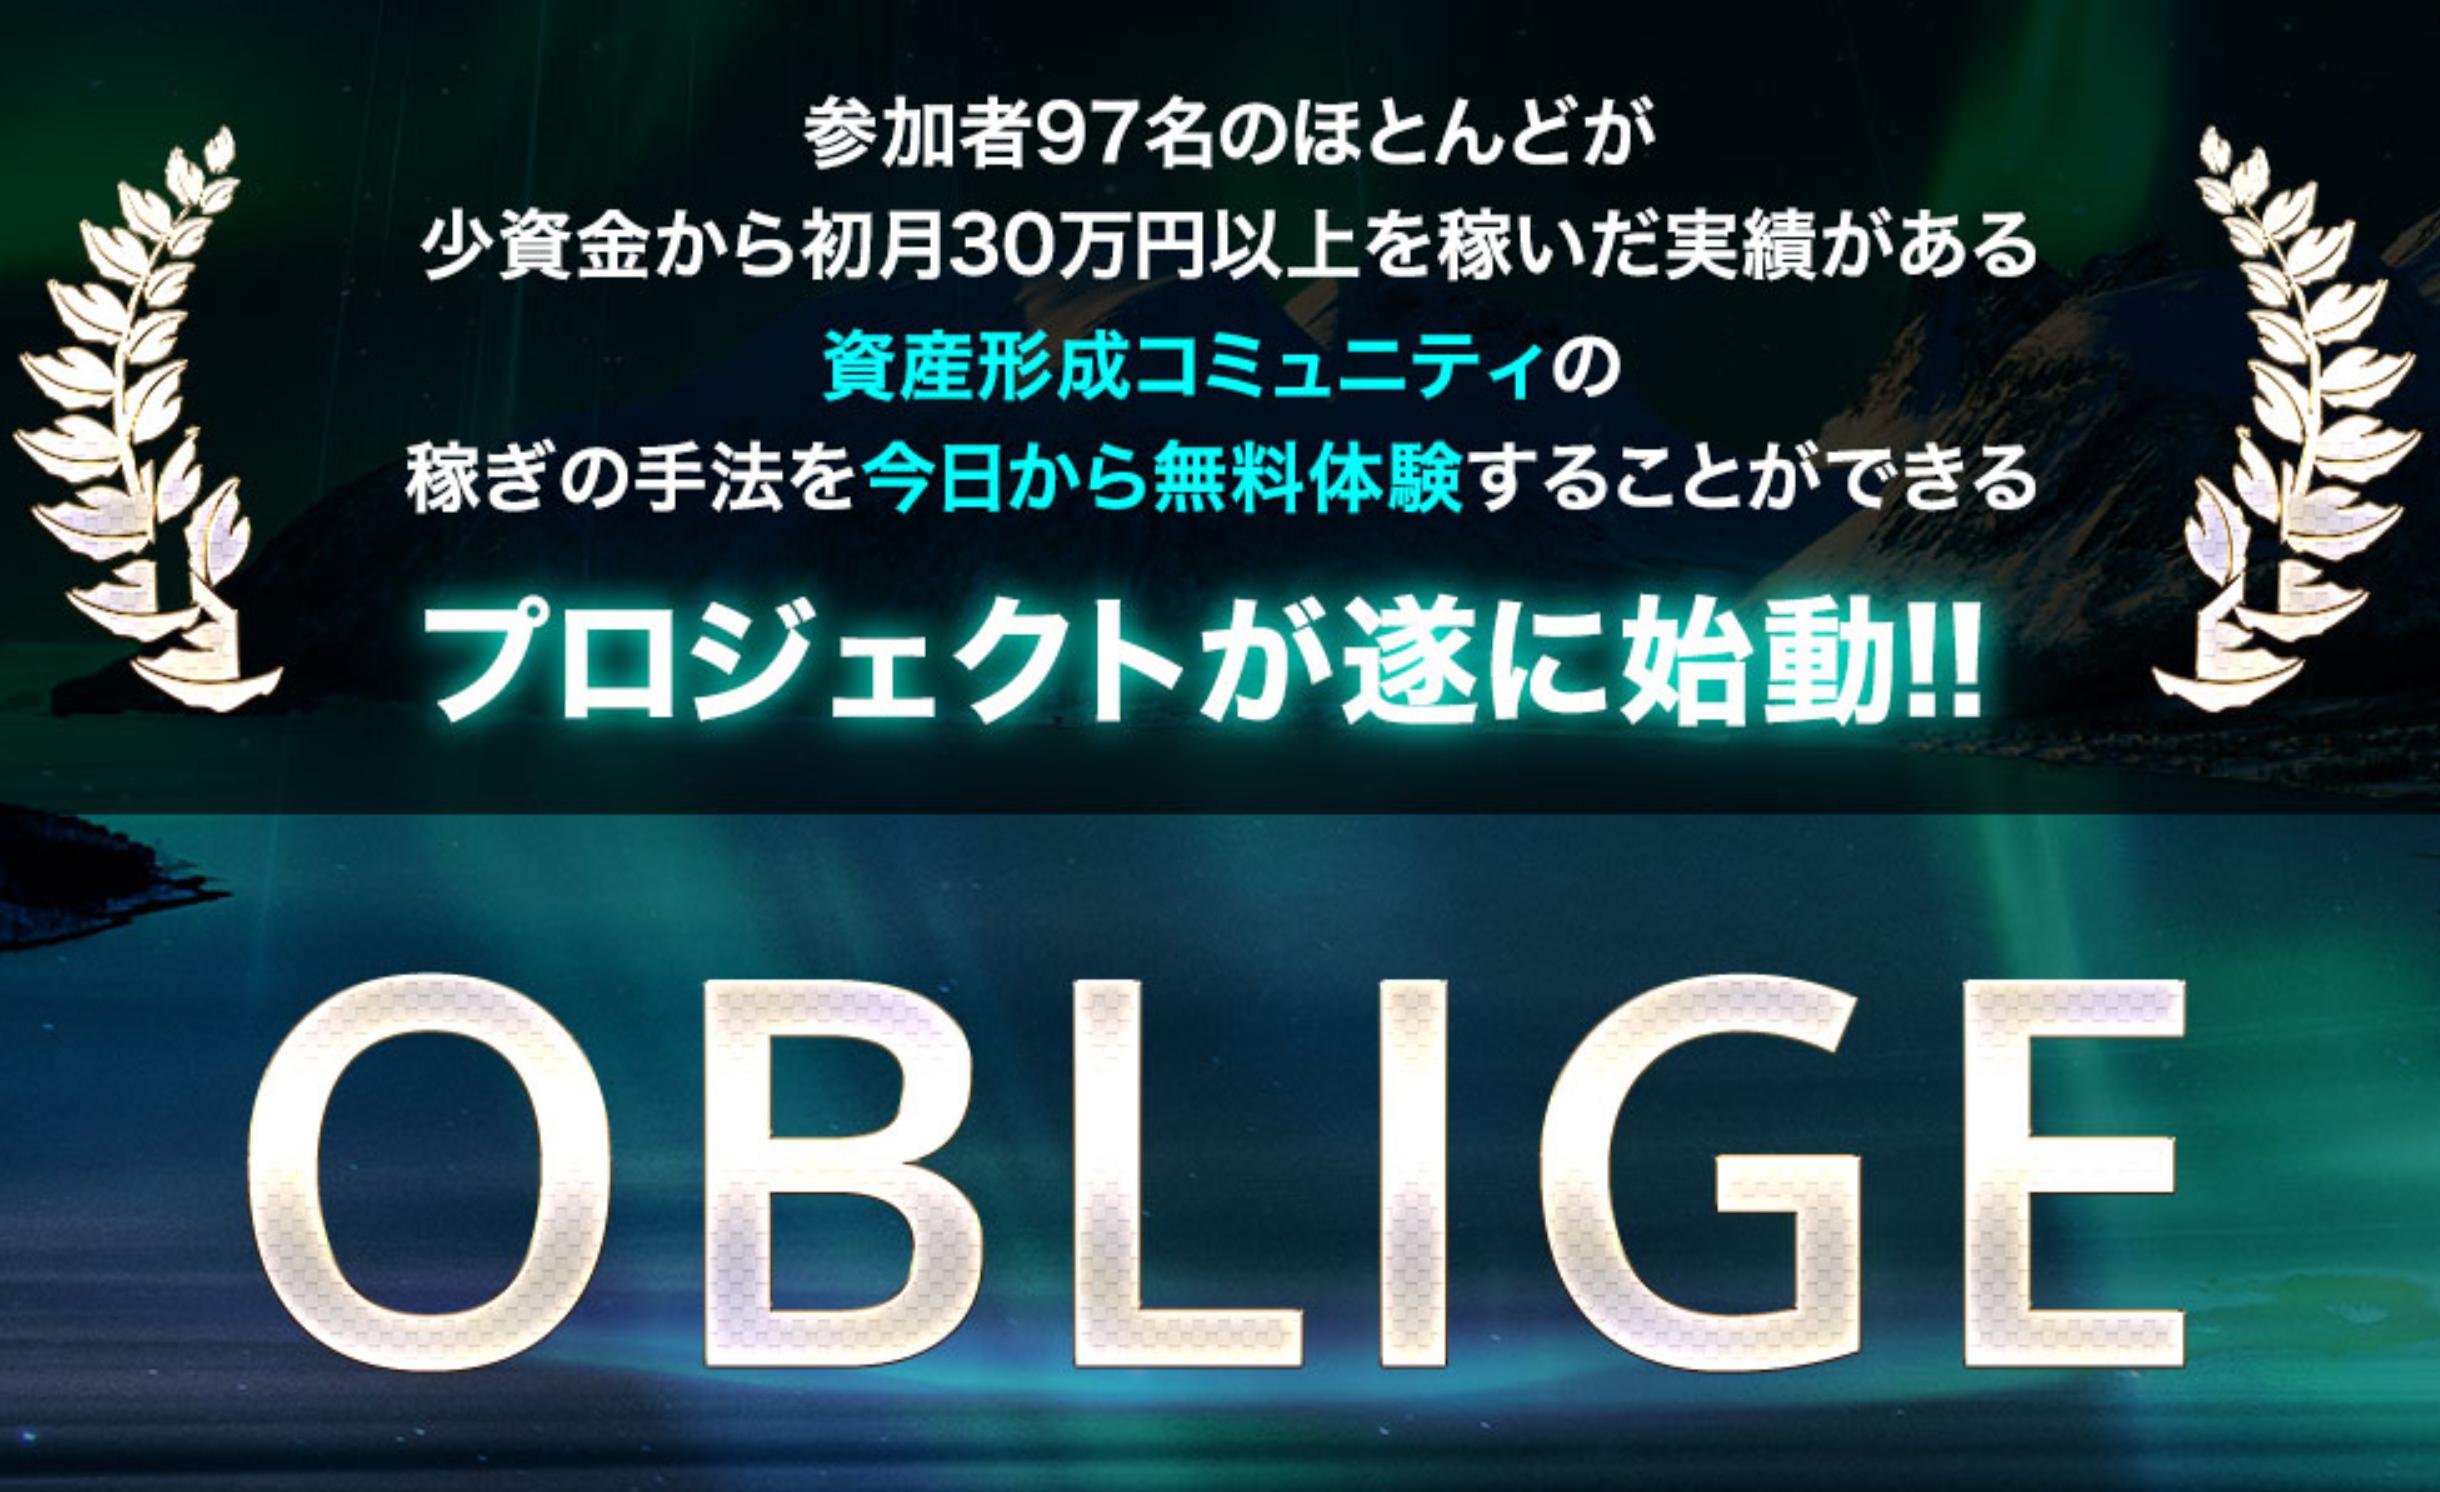 神野健一郎 NBLIGE(オブリージュ)のレター画像